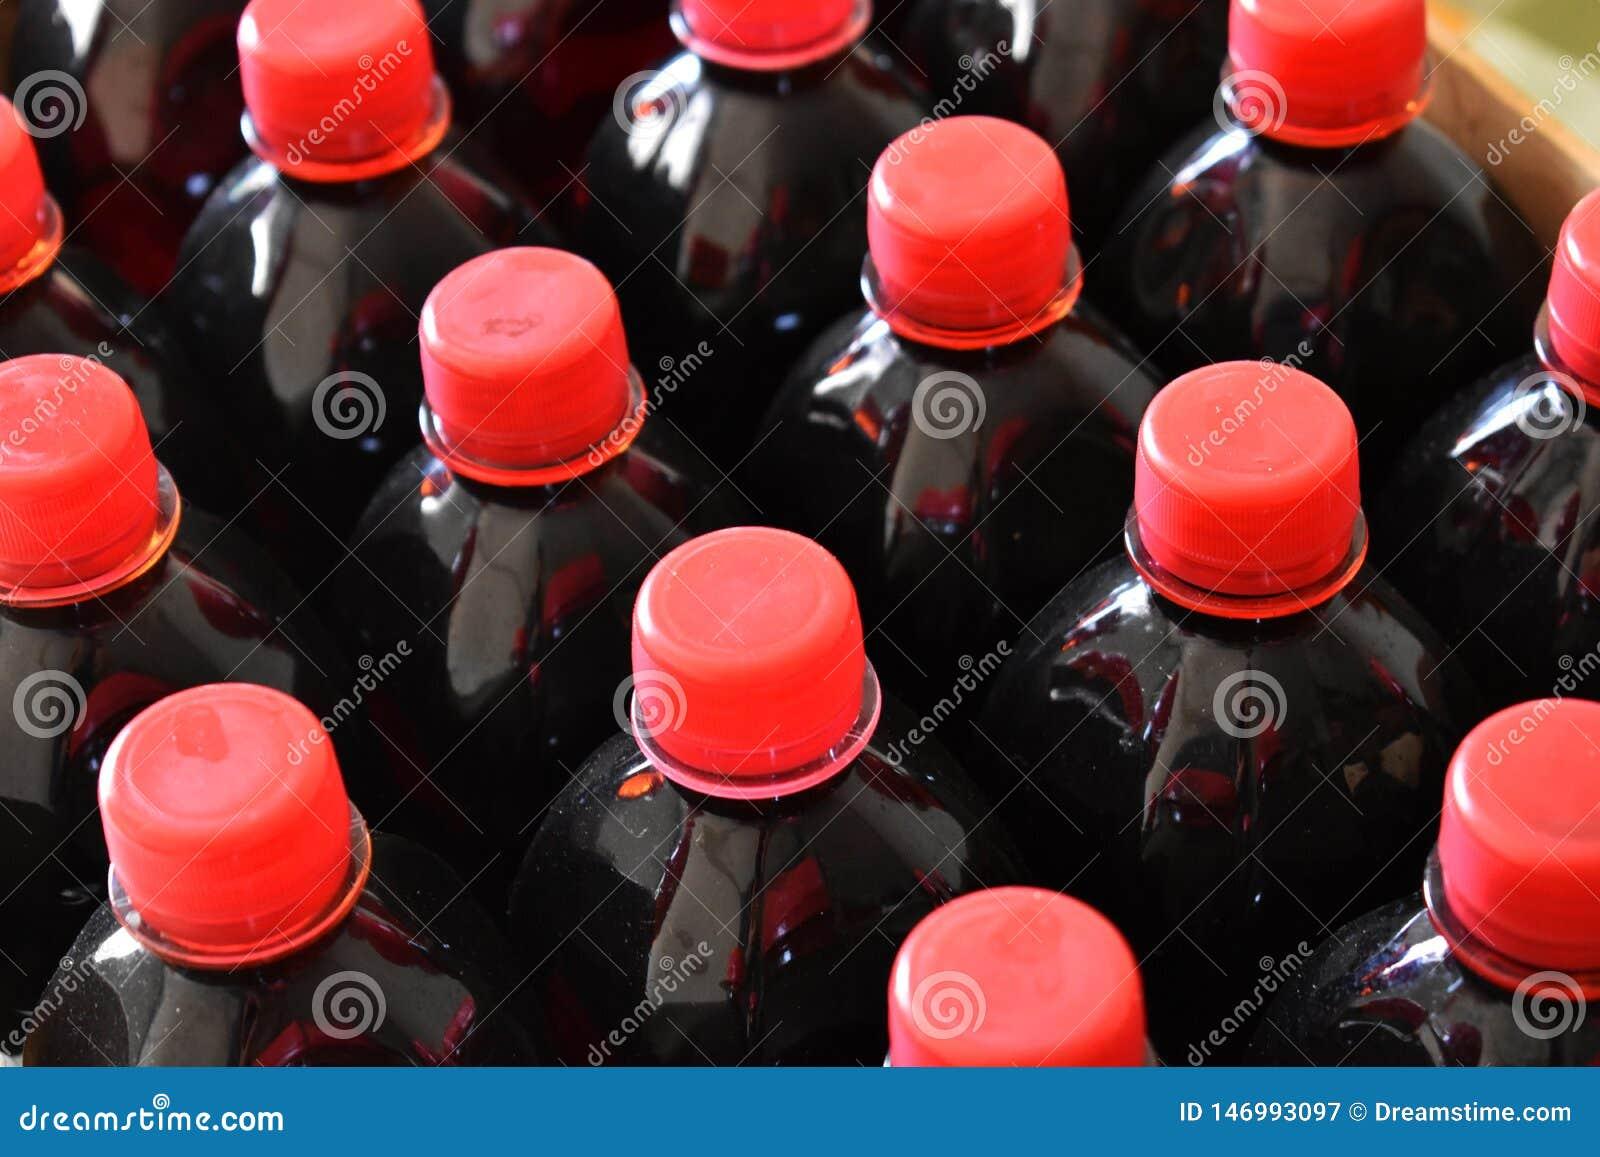 Sciroppo rosso scuro della frutta in bottiglie di plastica